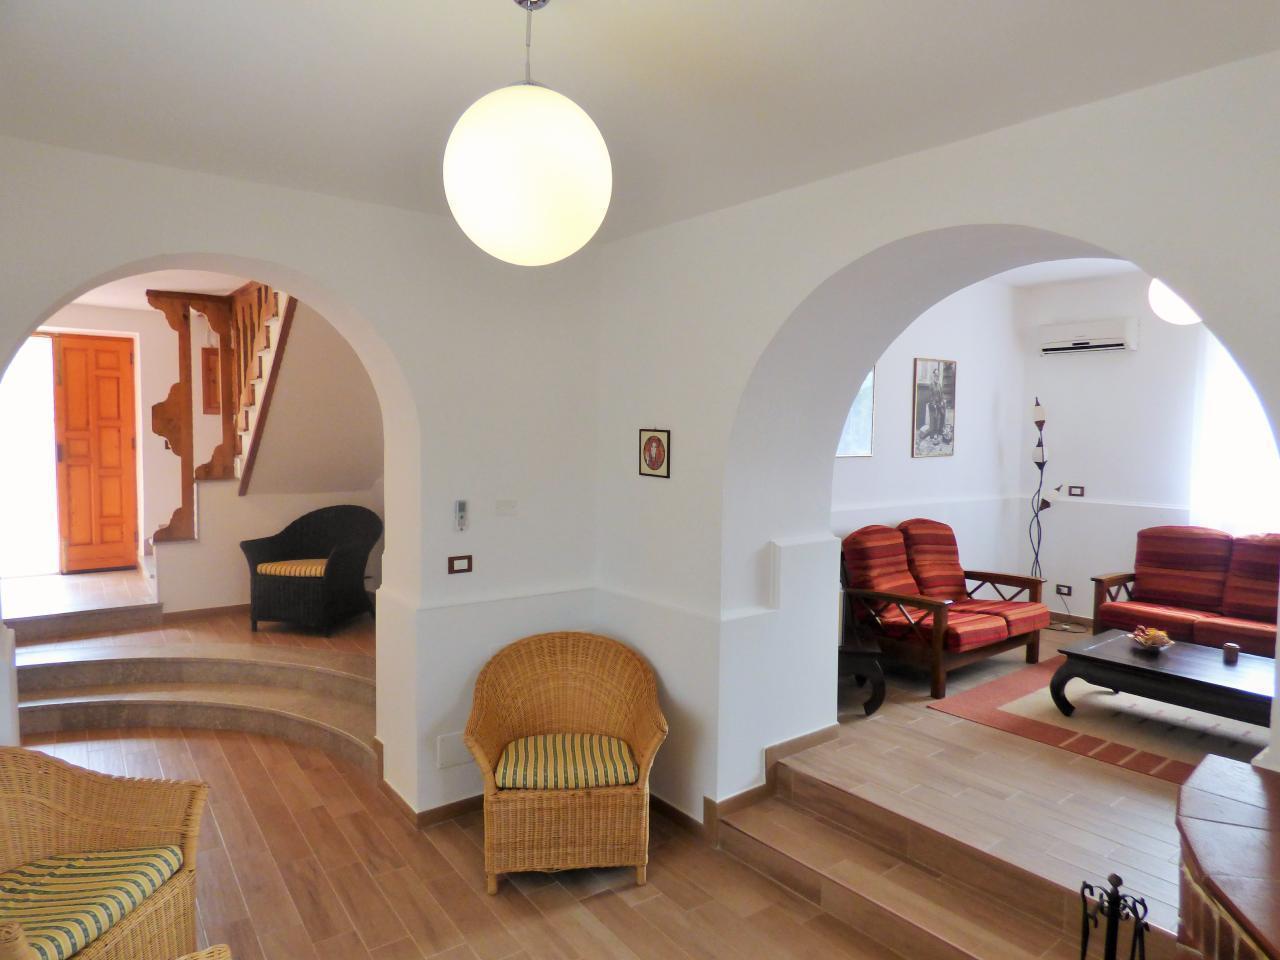 Ferienhaus Villa Maria ein schönes Landhaus in einer ruhigen und sonnige lage mit Blick auf den Eolie (482652), Patti, Messina, Sizilien, Italien, Bild 11